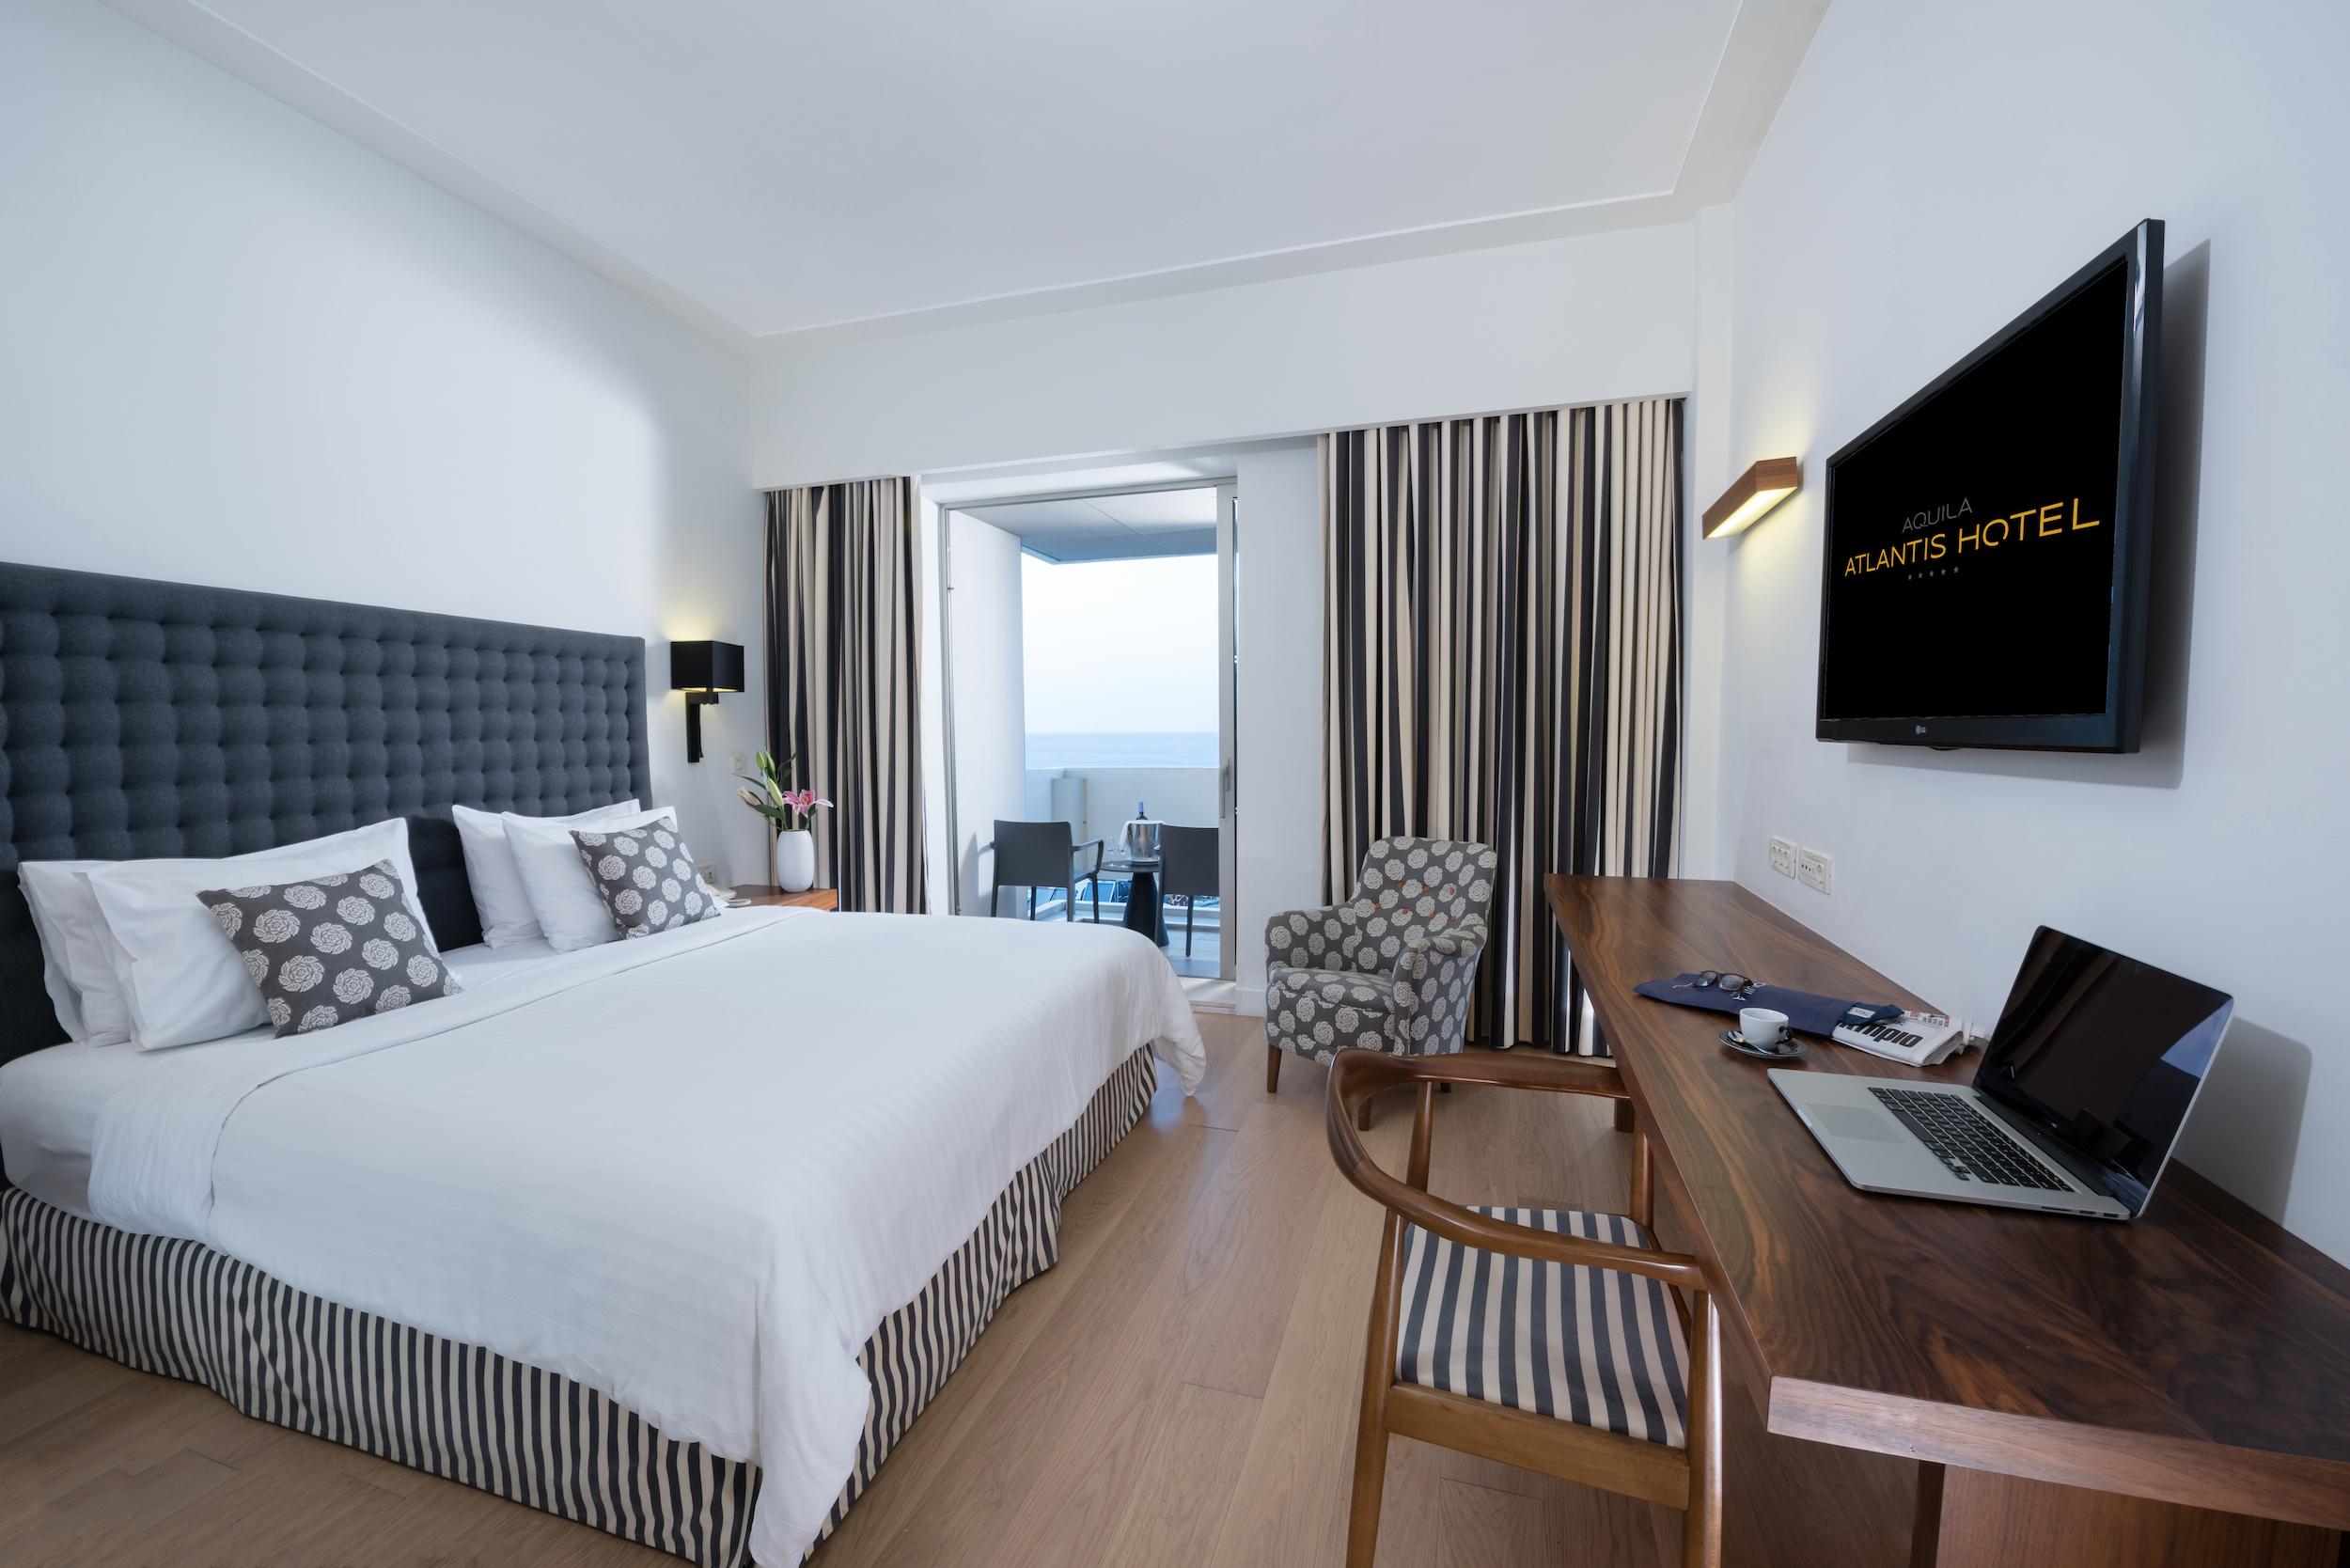 aquila atlantis hotel - business room 4